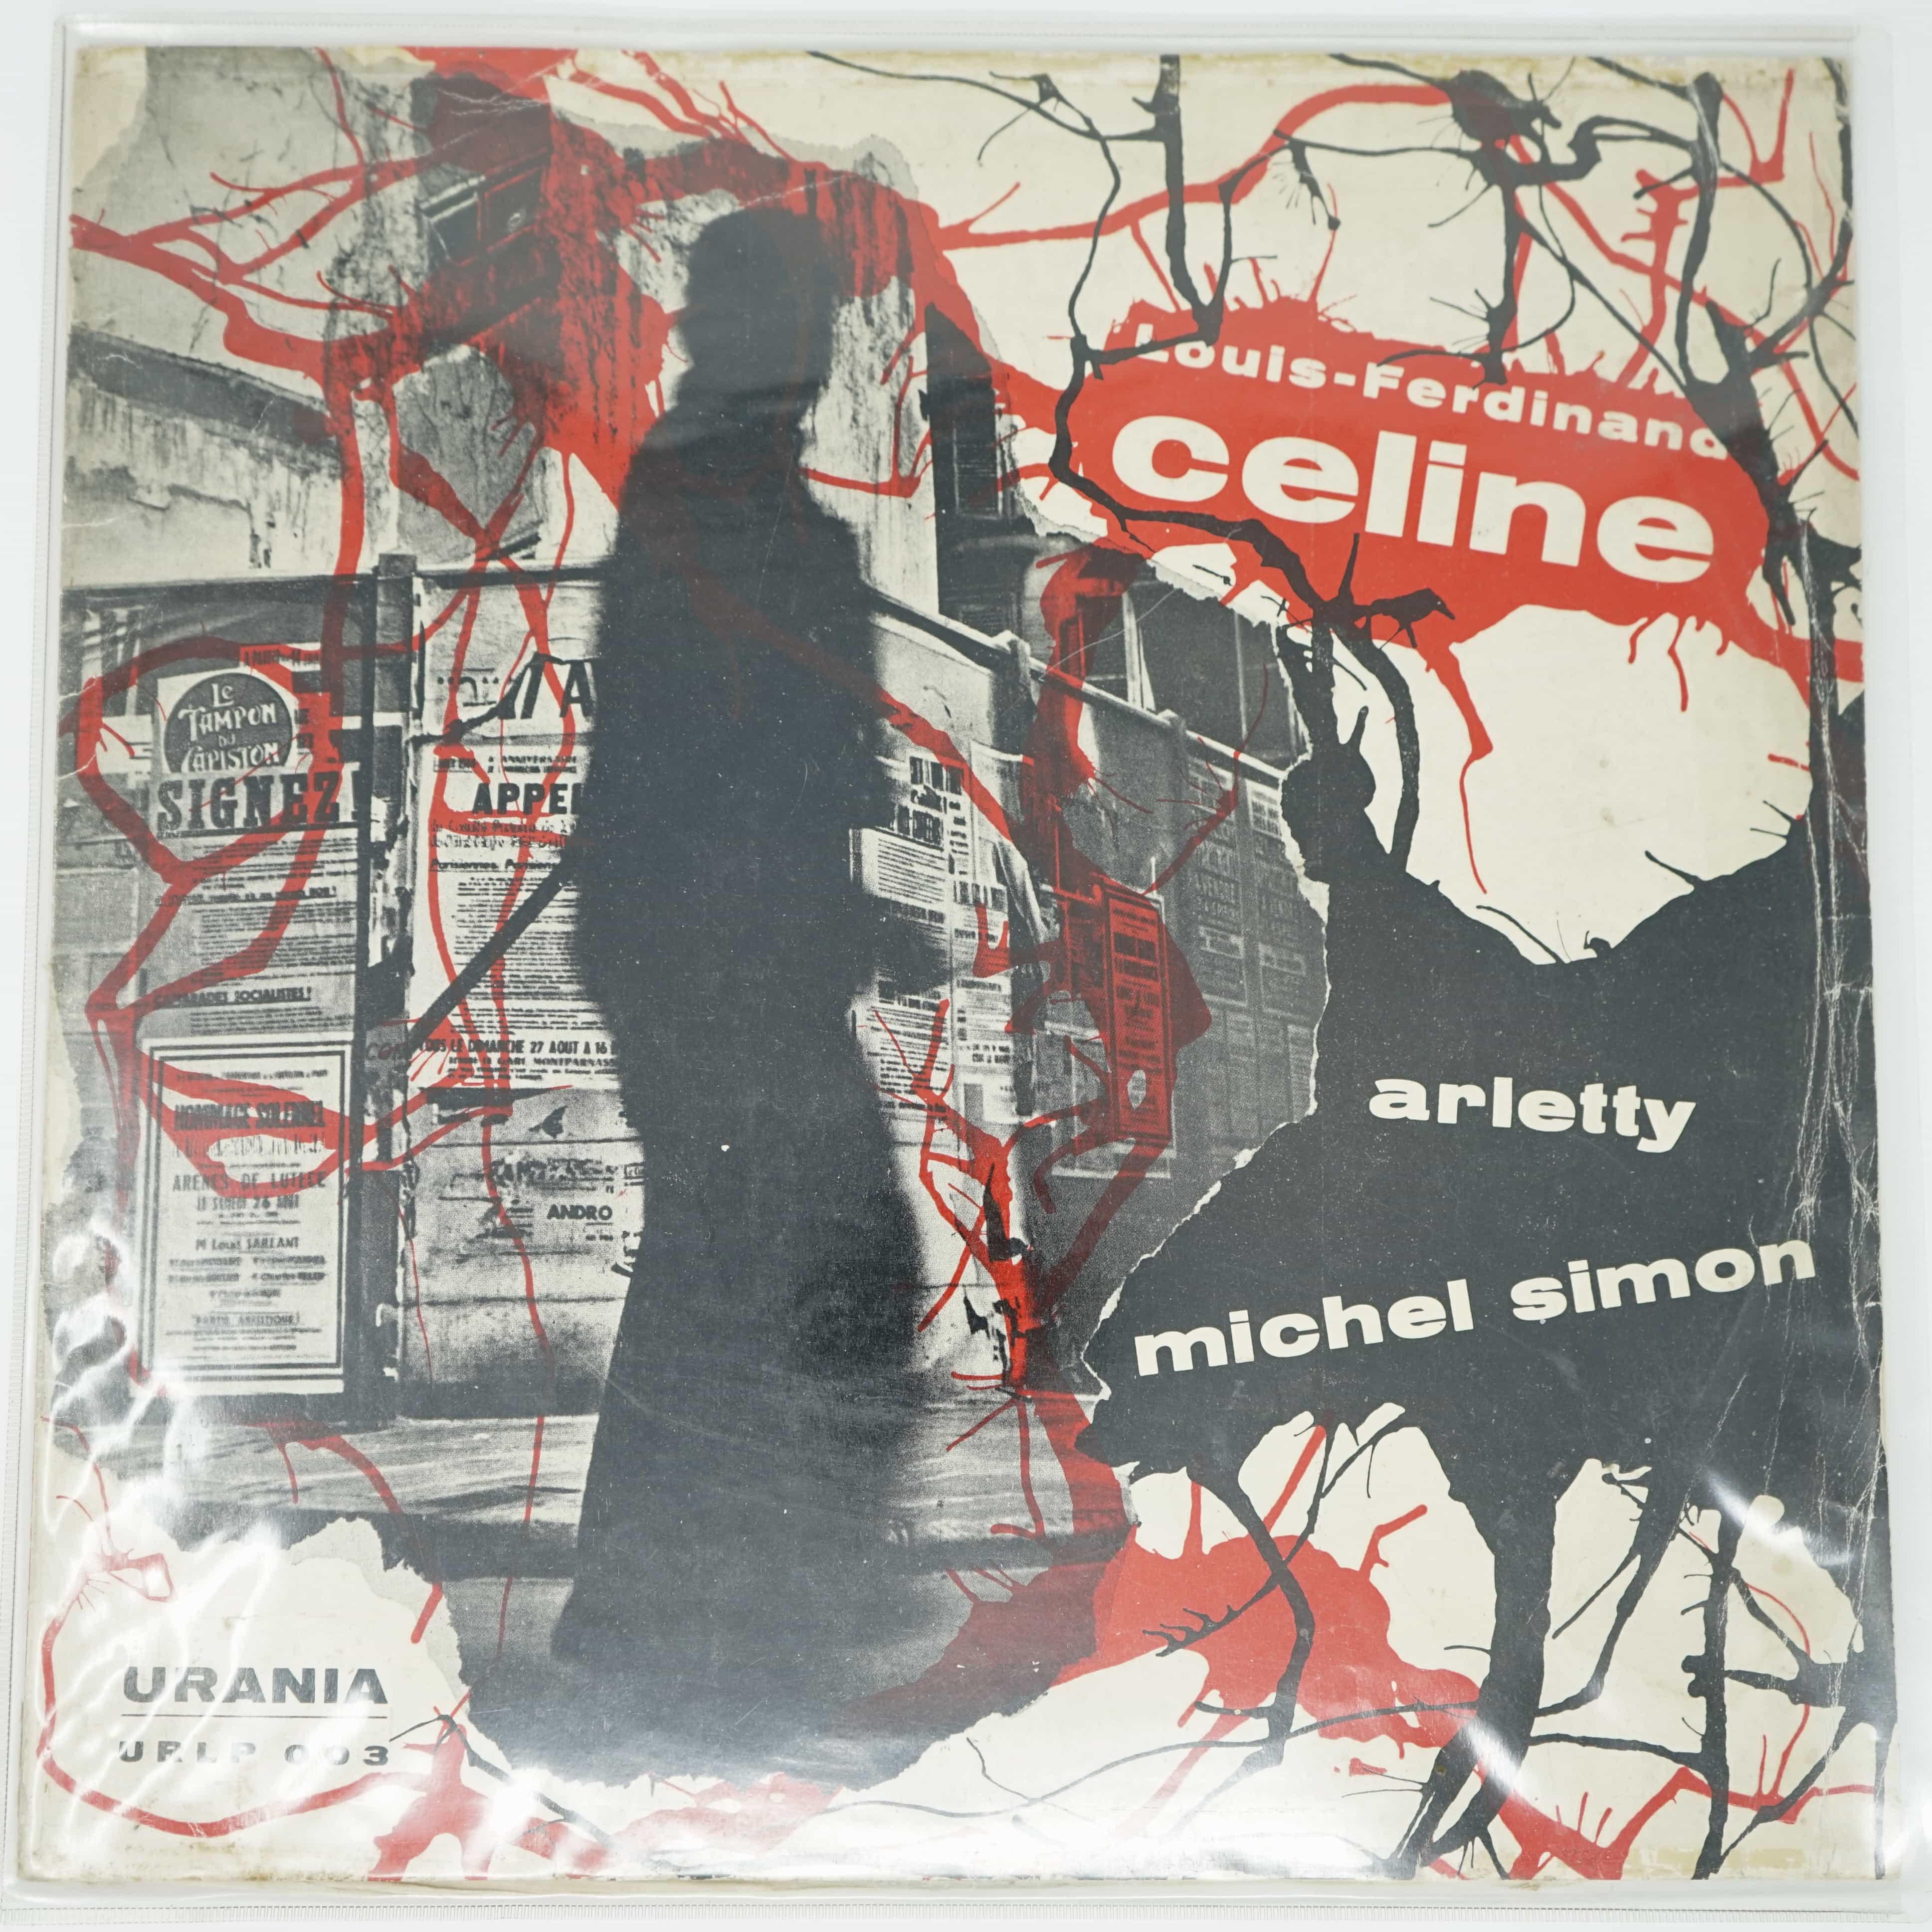 Vinyle Louis-Ferdinand Céline